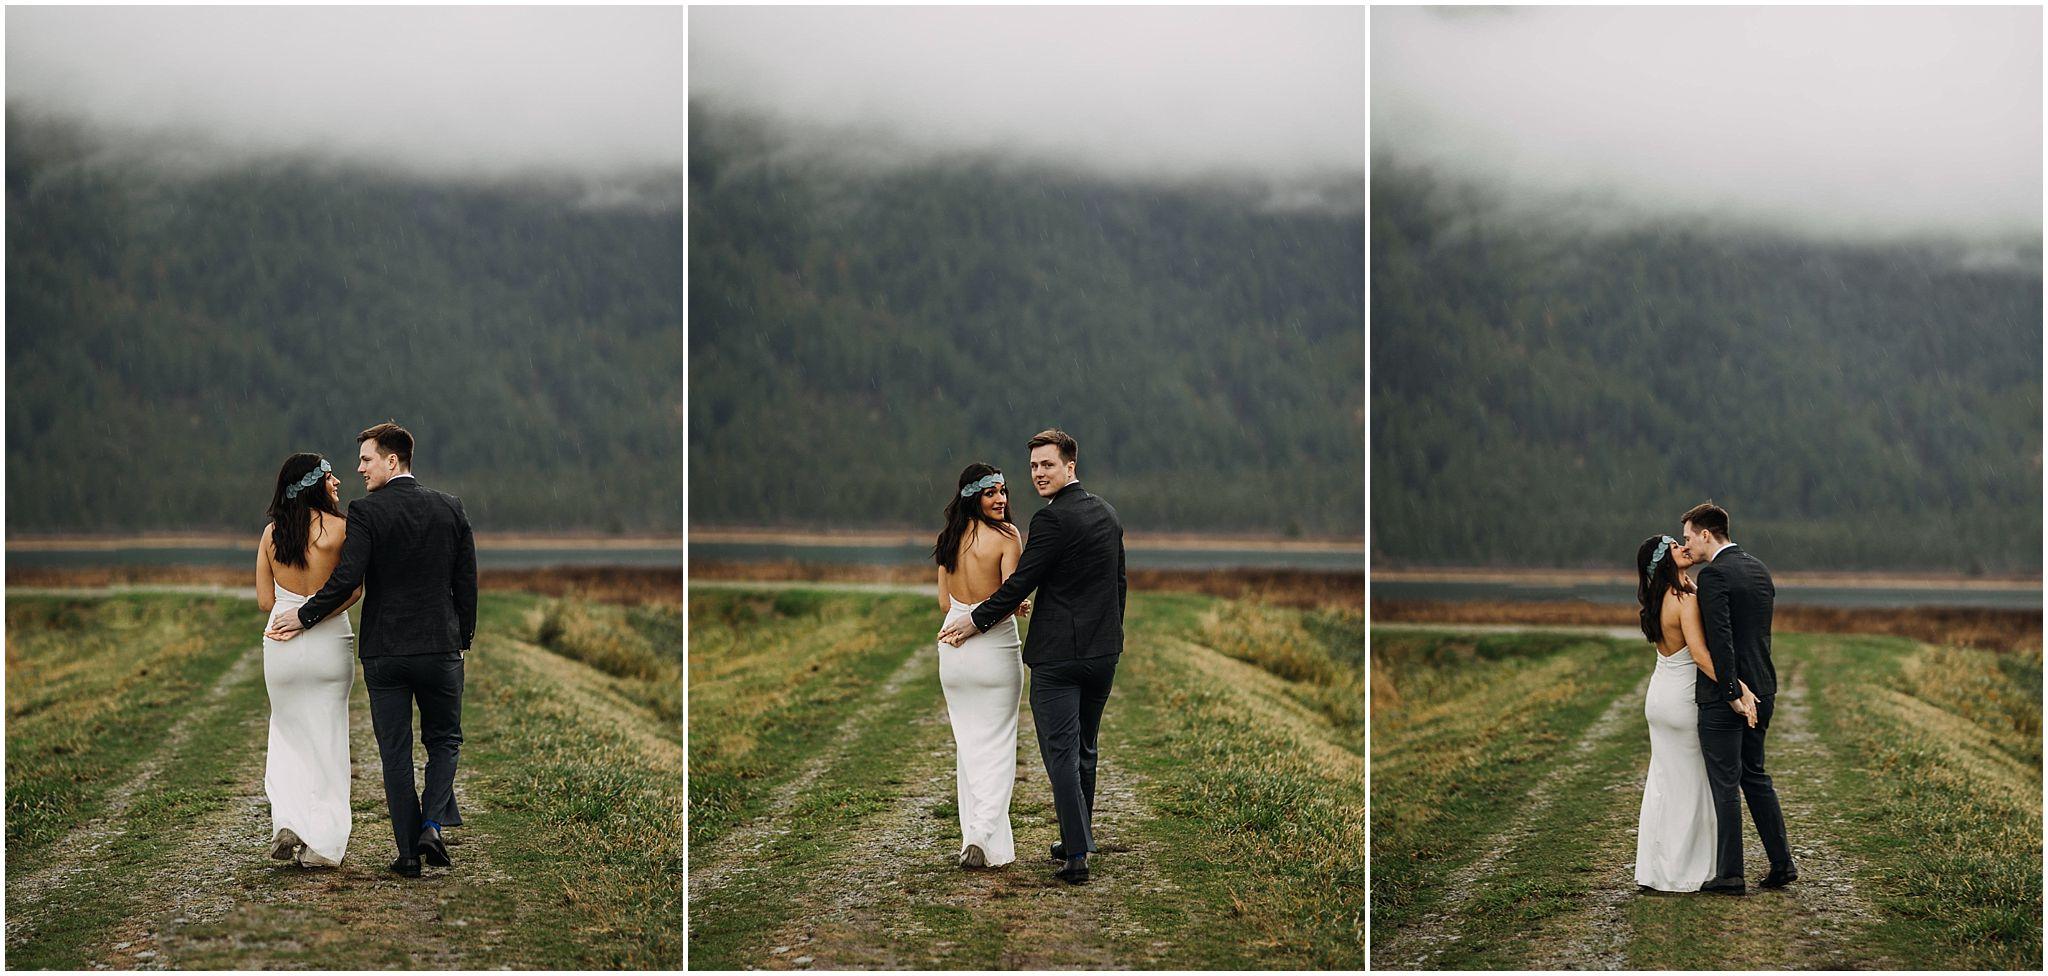 couple walking away looking back pitt lake engagement pnw